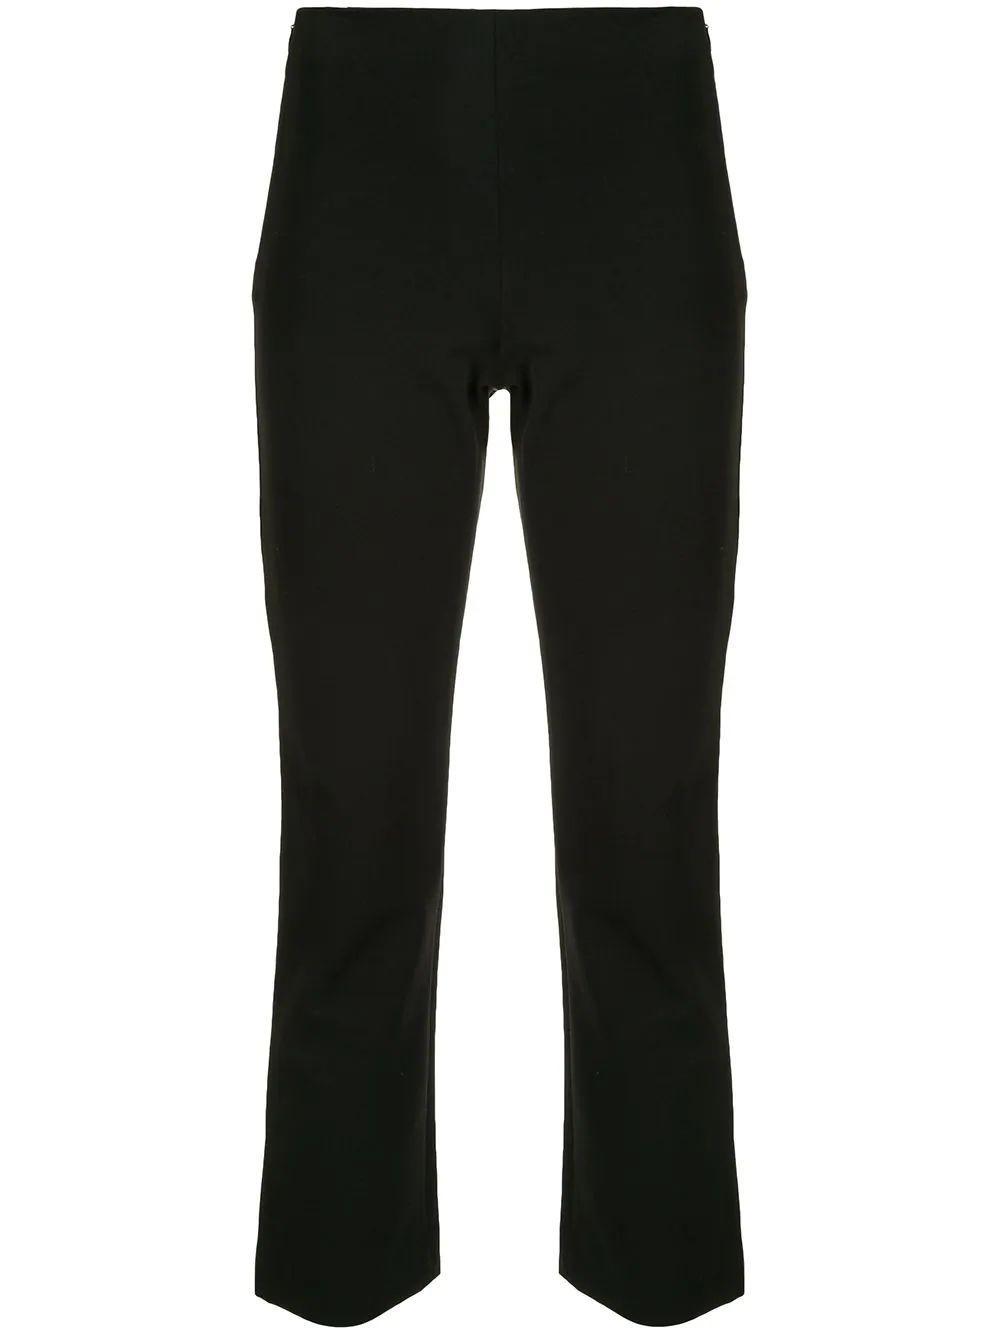 High Waist Crop Flare Pants